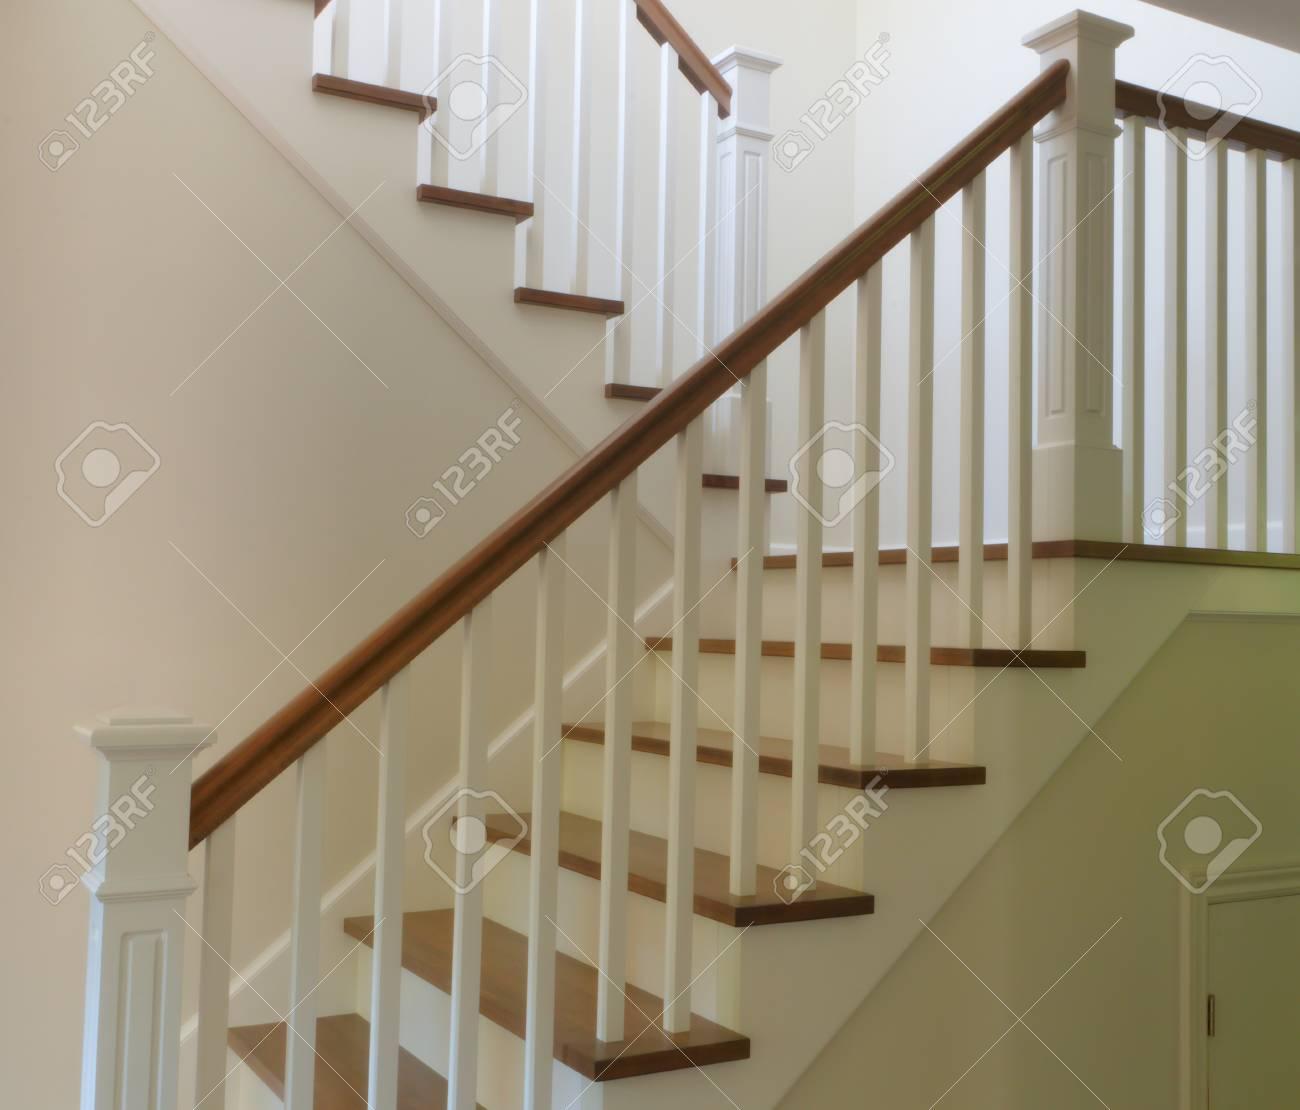 Stufen Treppe Weiß Lackiert Und Hartholz Treppe Innen Treppe